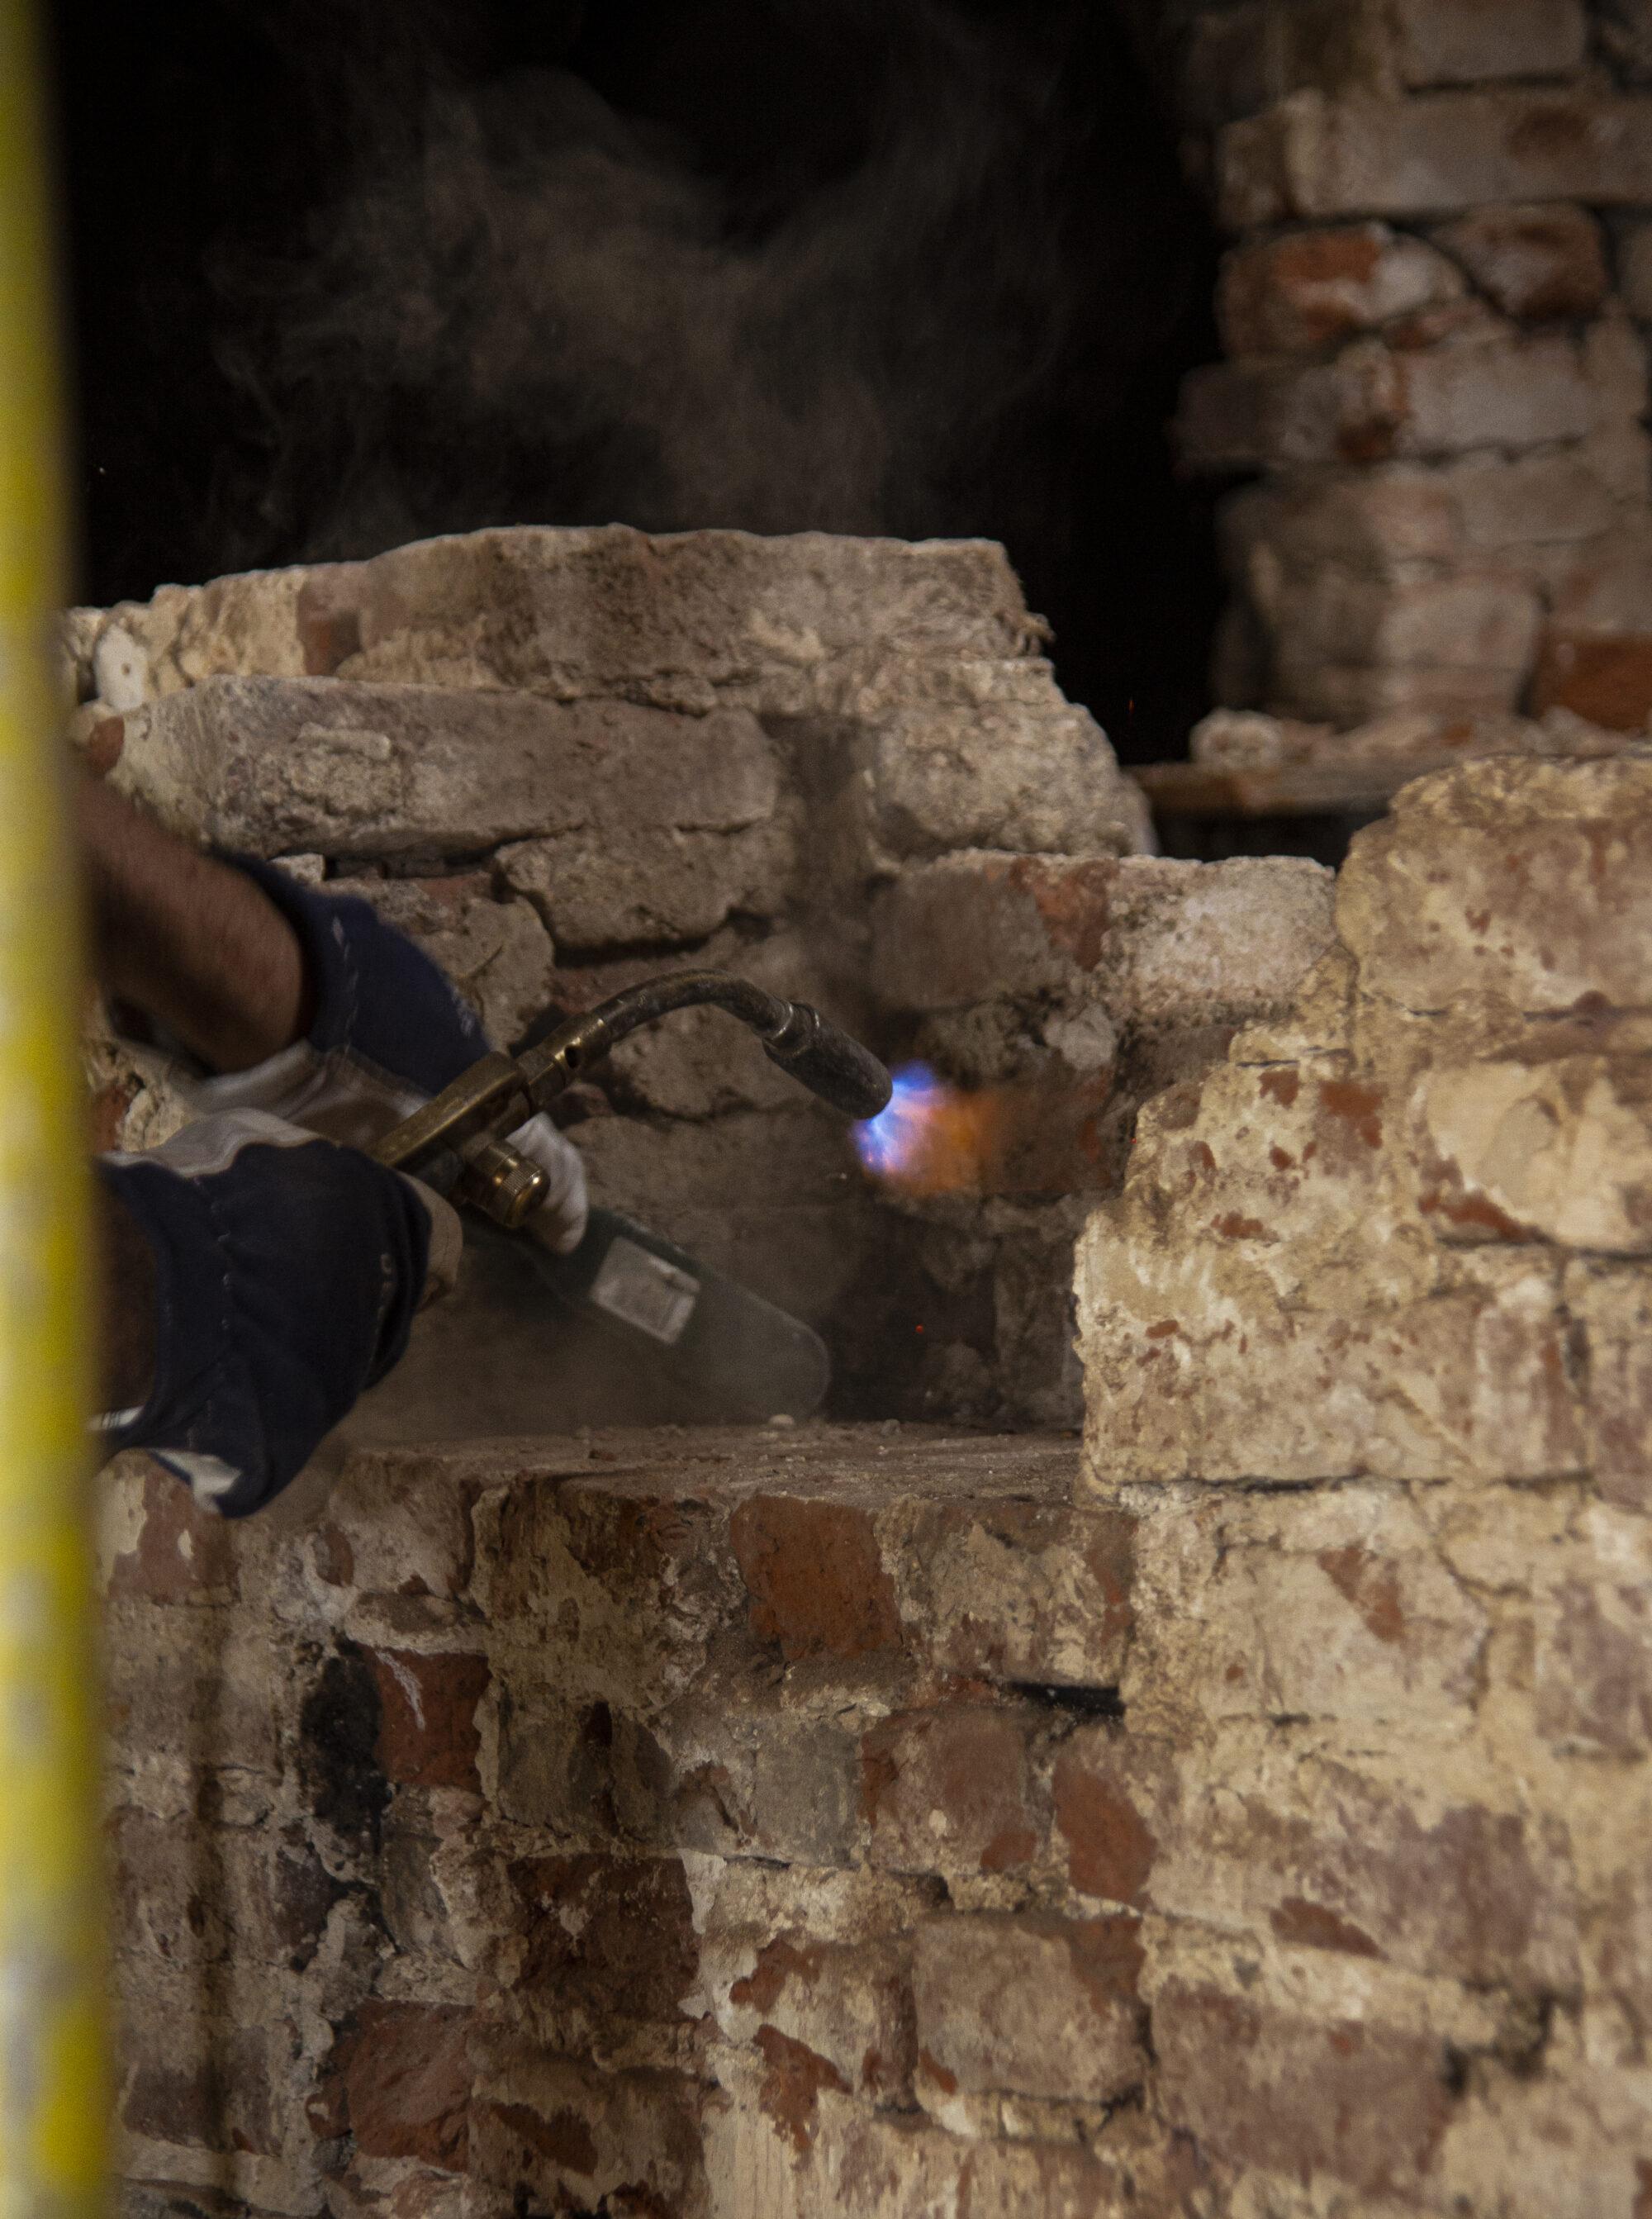 Arbeider speciale bouwtechnieken